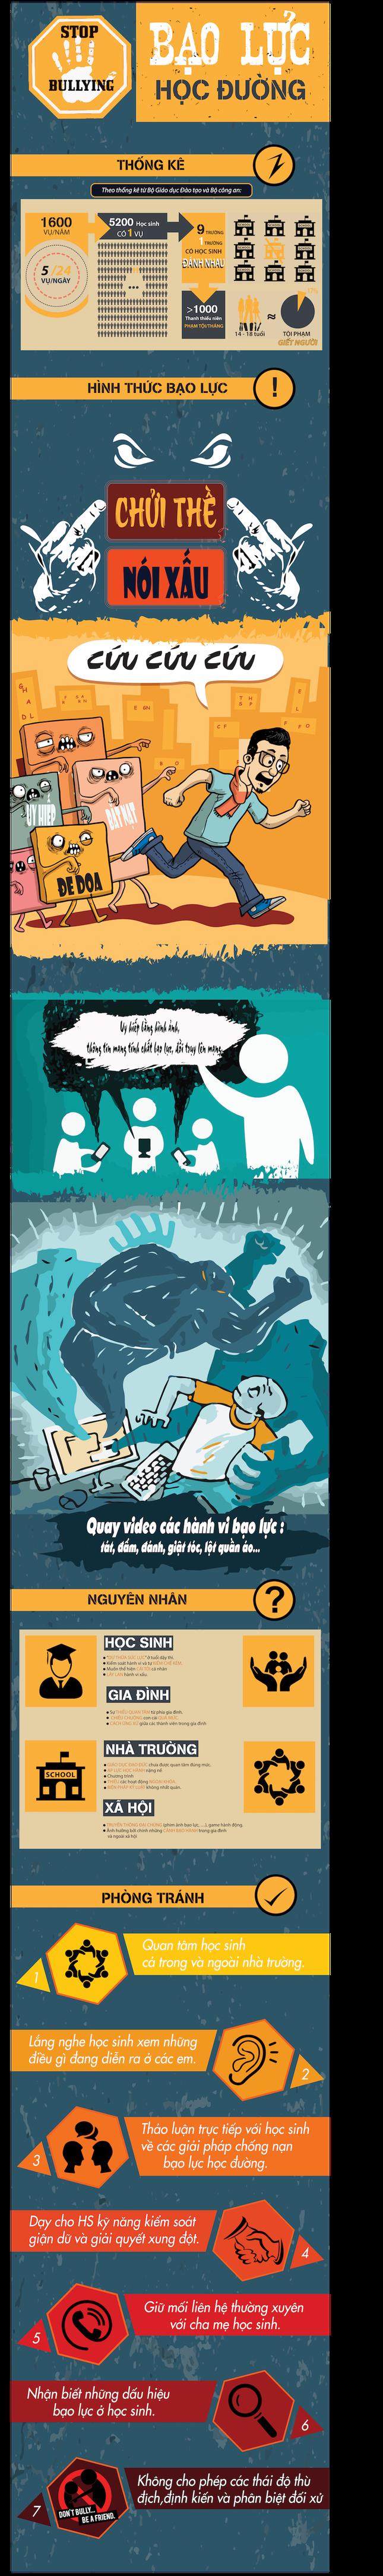 Infographic: Câu chuyện về bạo lực học đường - ảnh 1